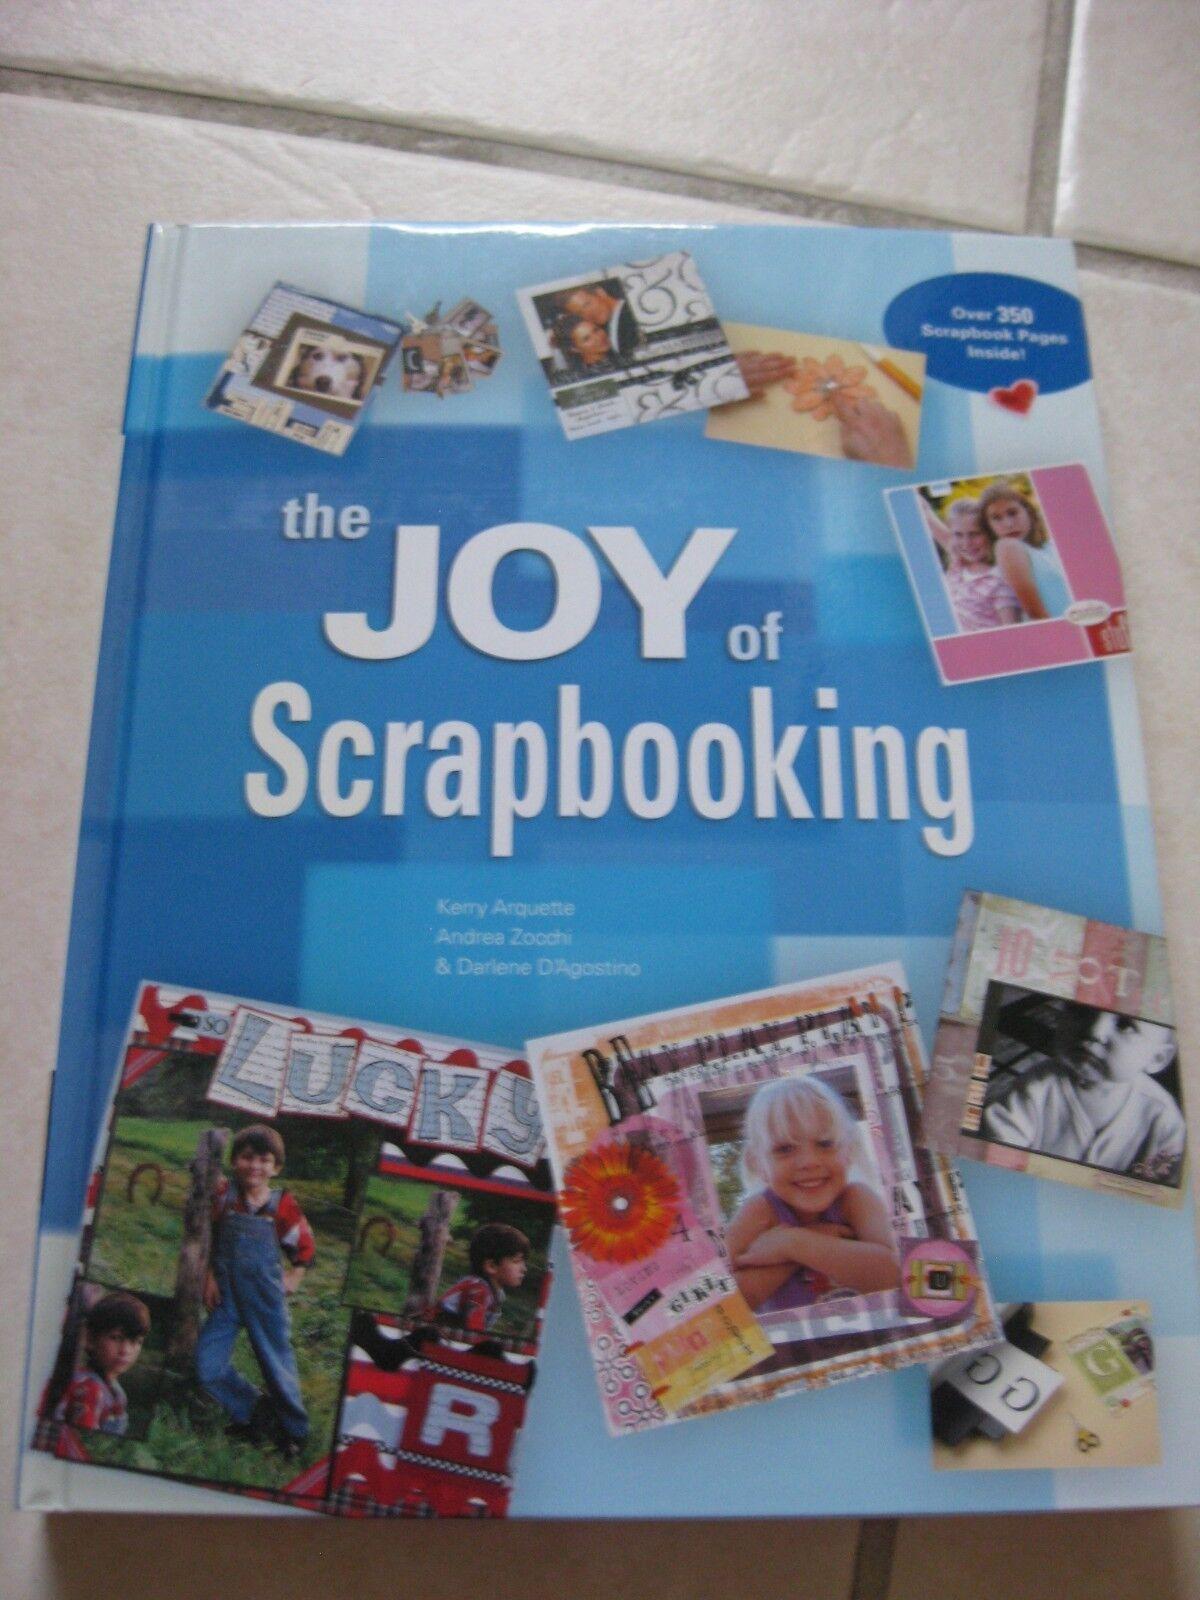 Scrapbook Supplies-book, Scissors, Stickers - $8.25